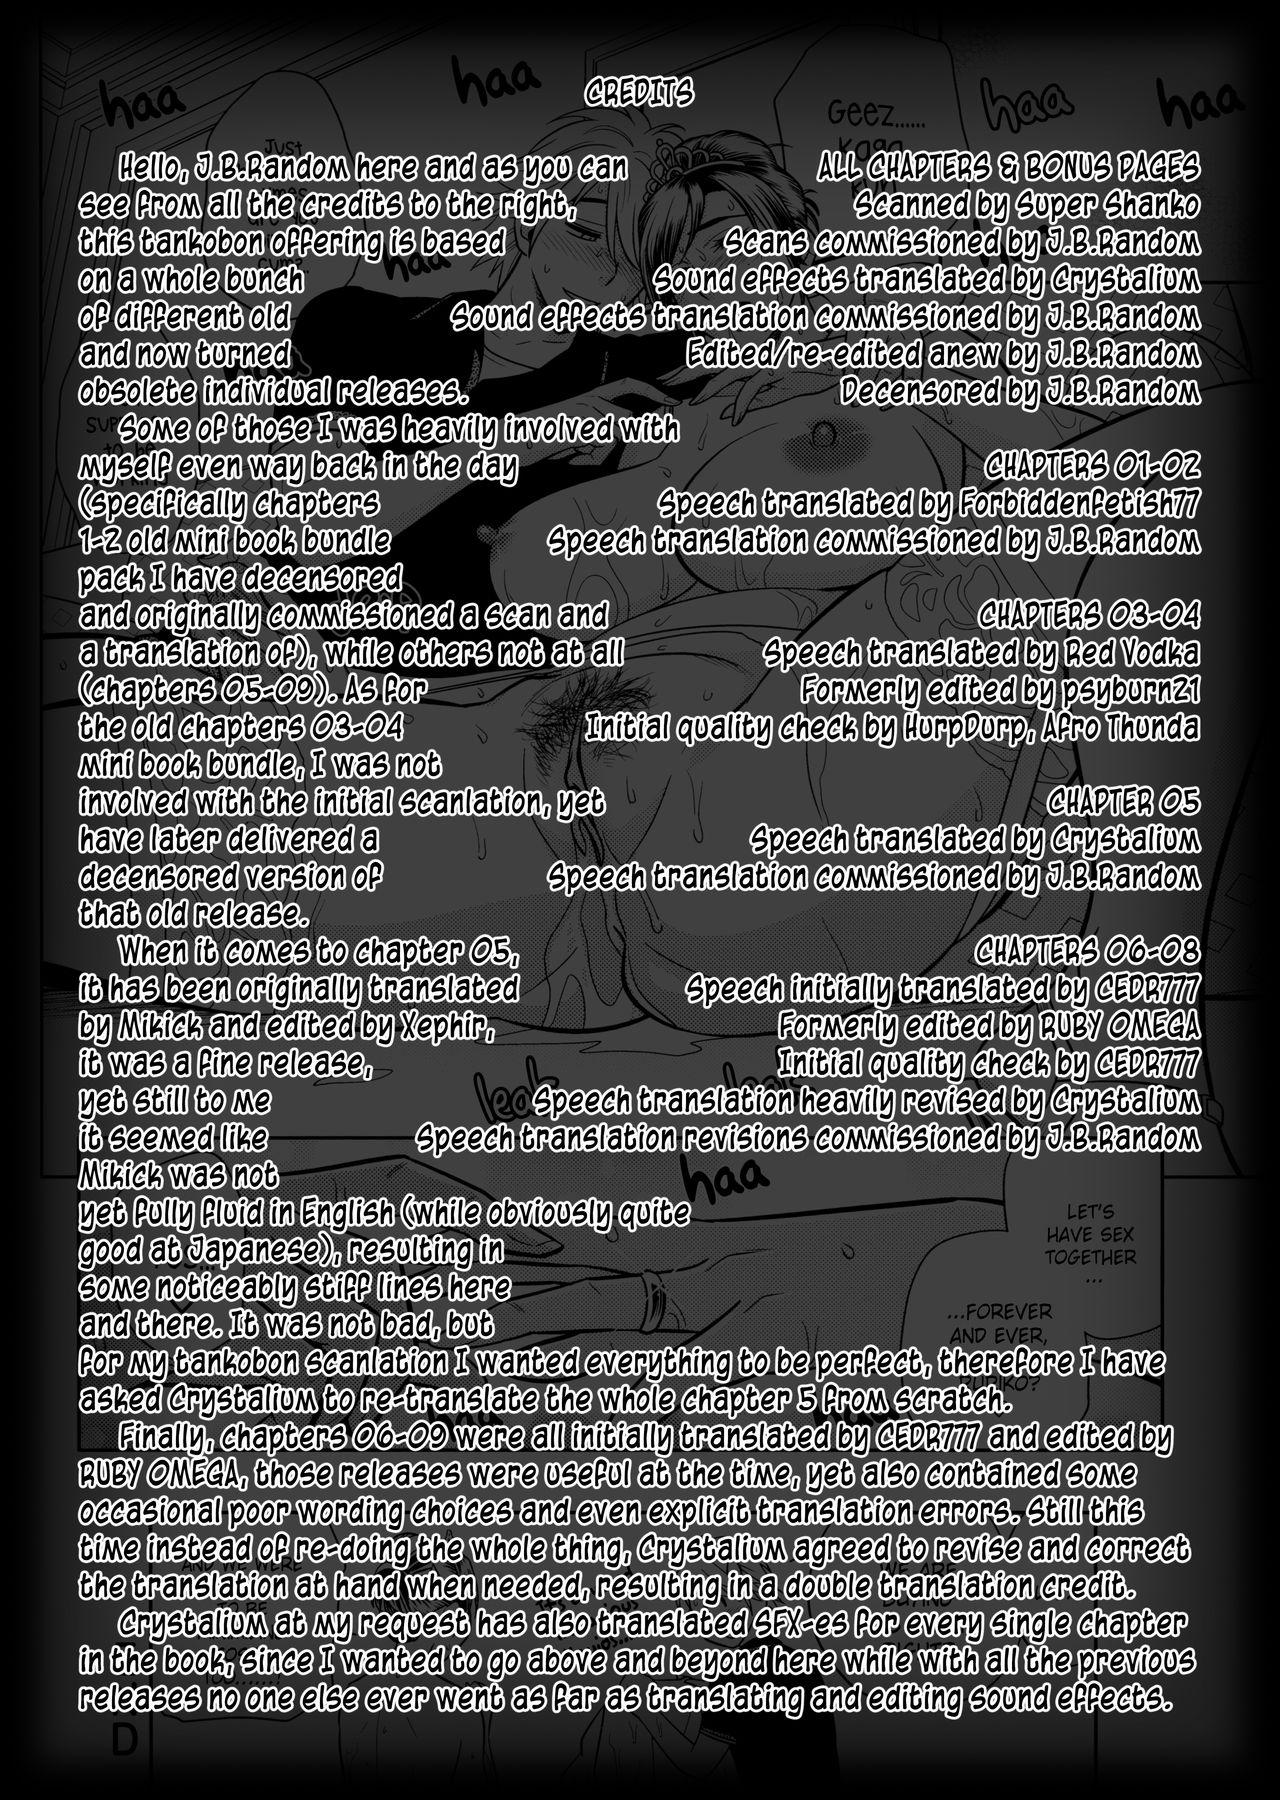 [Tatsunami Youtoku, Yamasaki Masato] Bijin Henshuu-chou no Himitsu | Beautiful Editor-in-Chief's Secret Ch. 1-8 [English] [Forbiddenfetish77, Red Vodka, Crystalium, CEDR777] [Decensored] 174